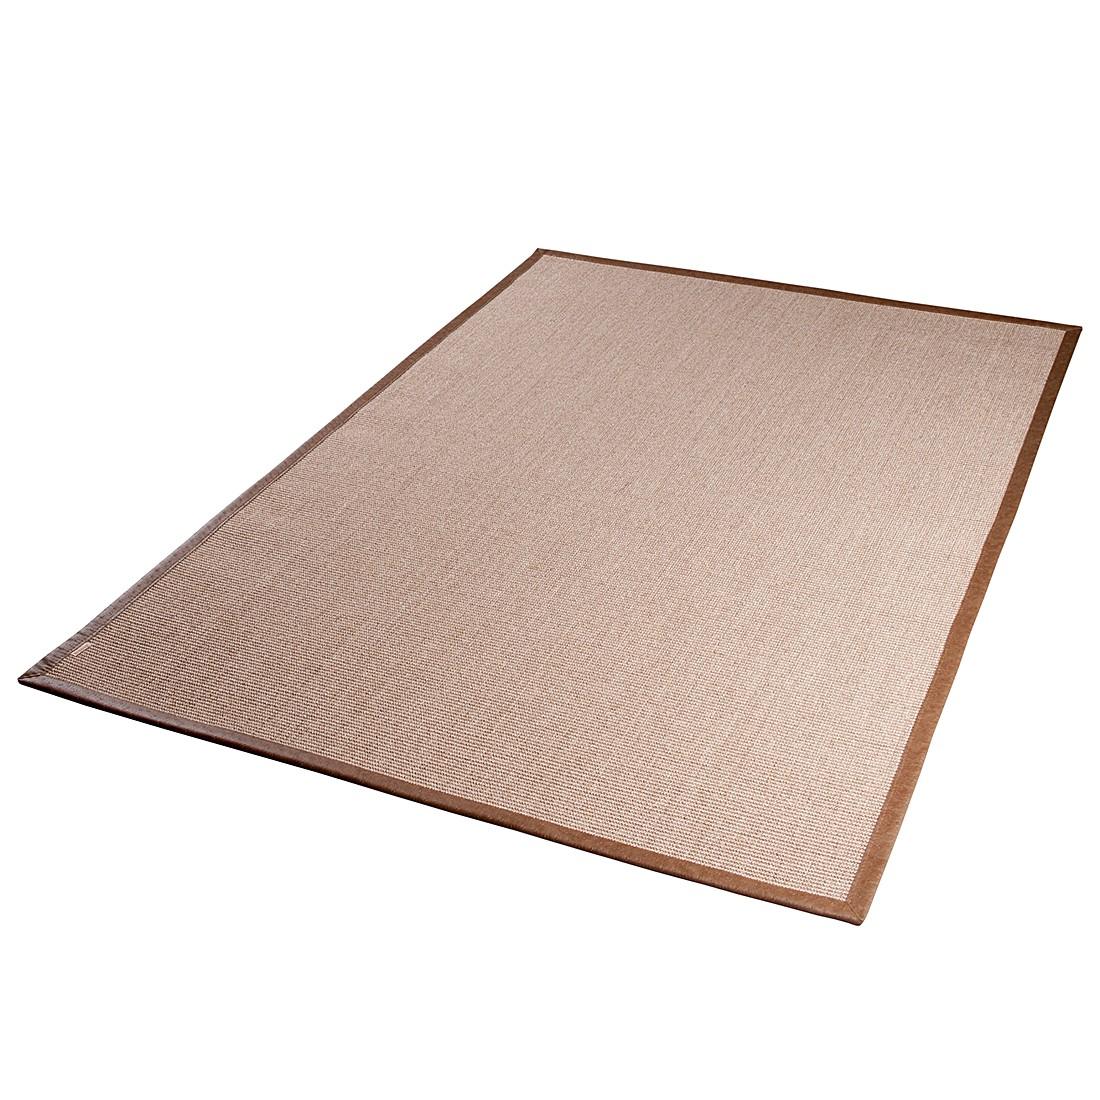 Teppich Mara A1 – Sand – 133 x 190 cm, DEKOWE günstig bestellen